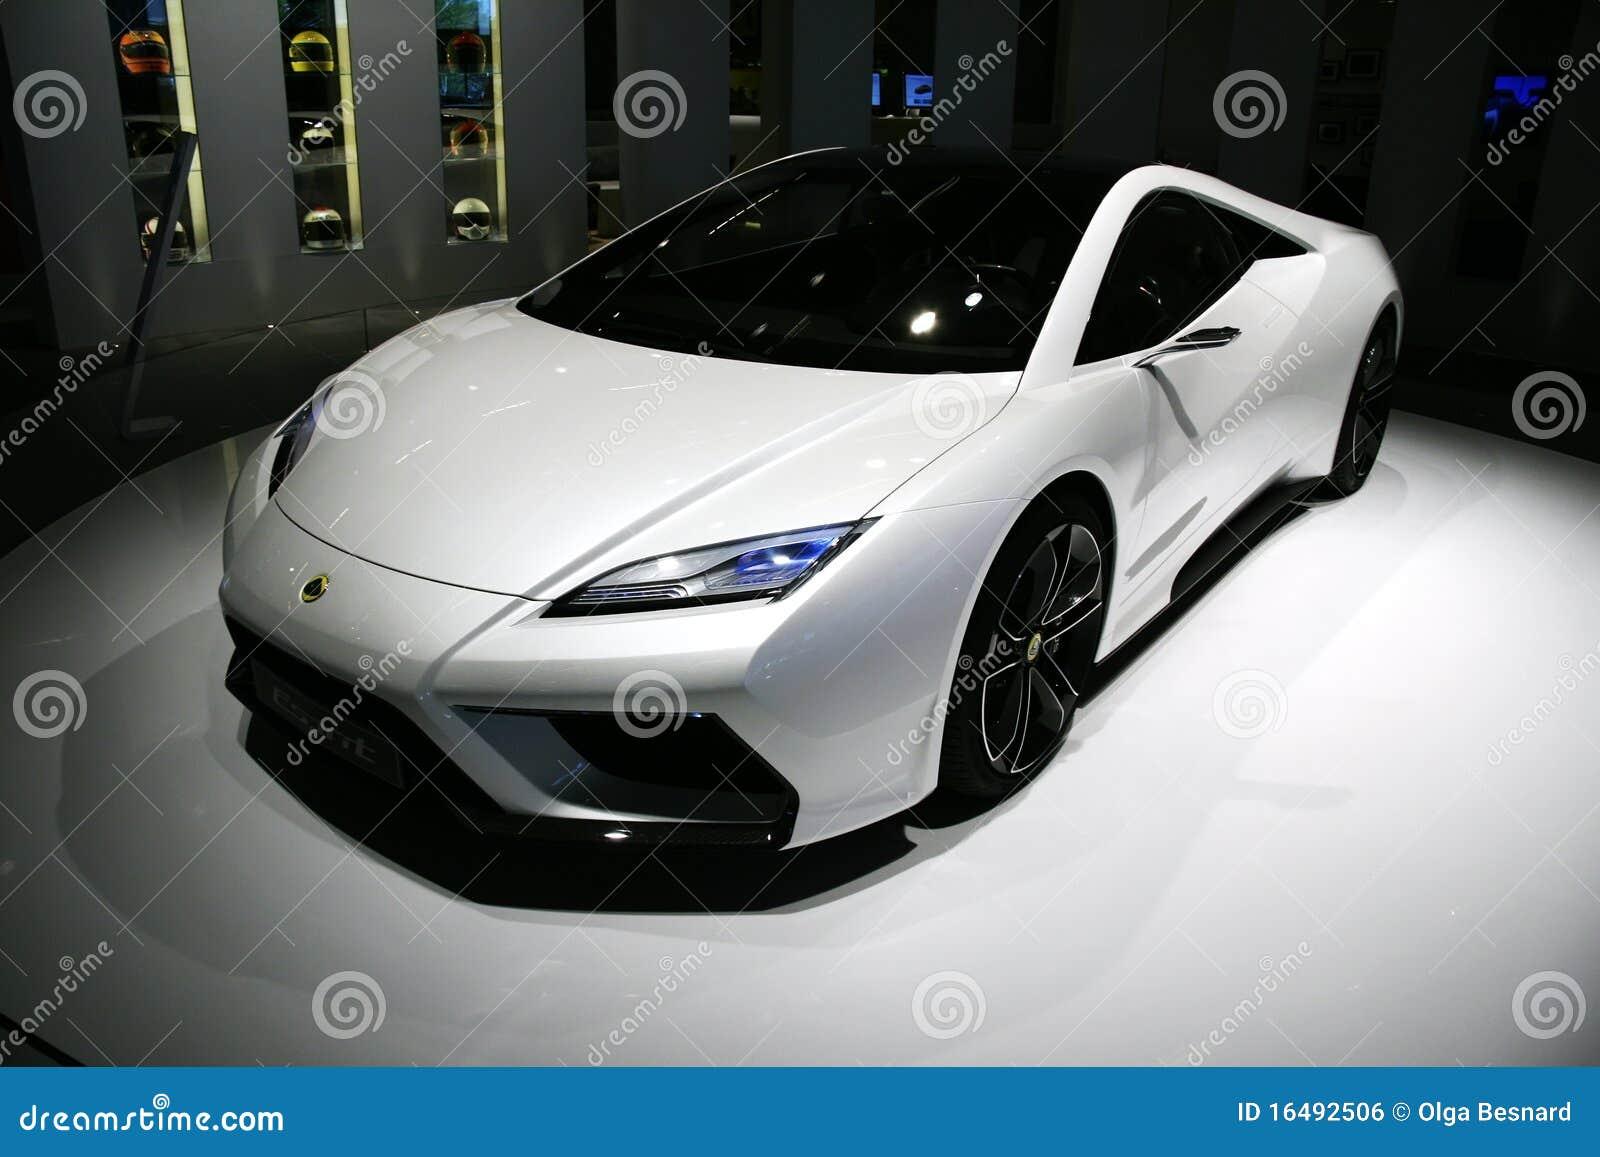 5f91eba63cea Lotus Esprit Concept At Paris Motor Show Editorial Photo - Image of ...